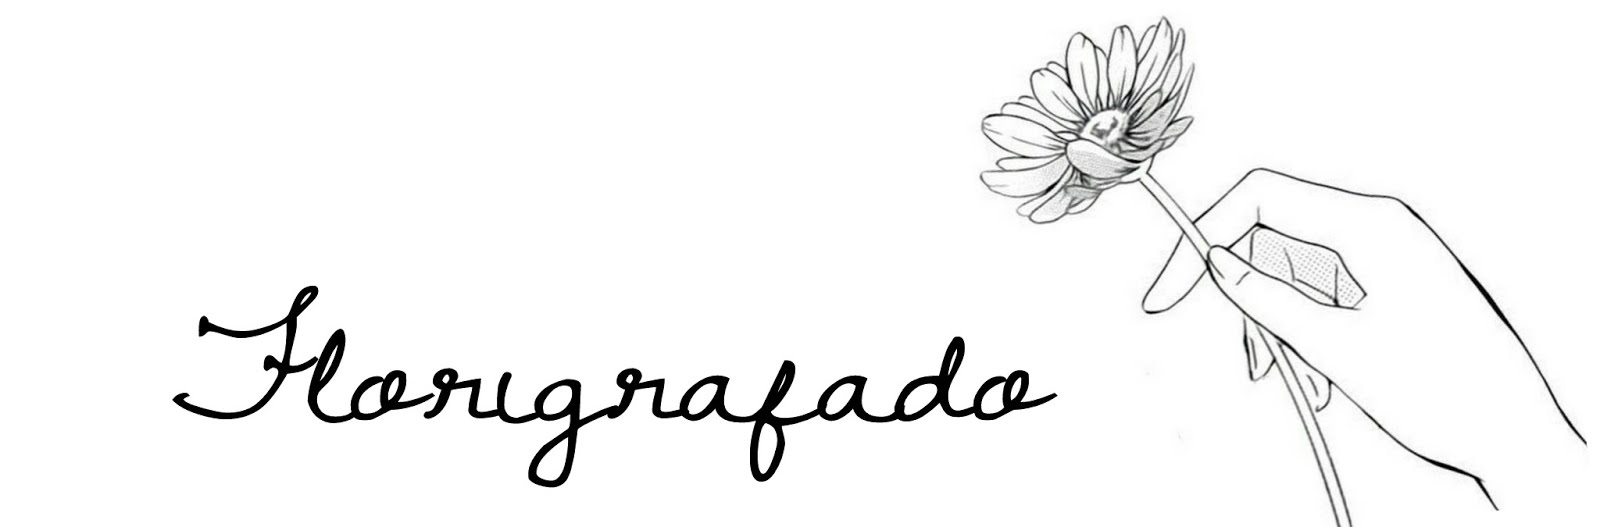 Florigrafado